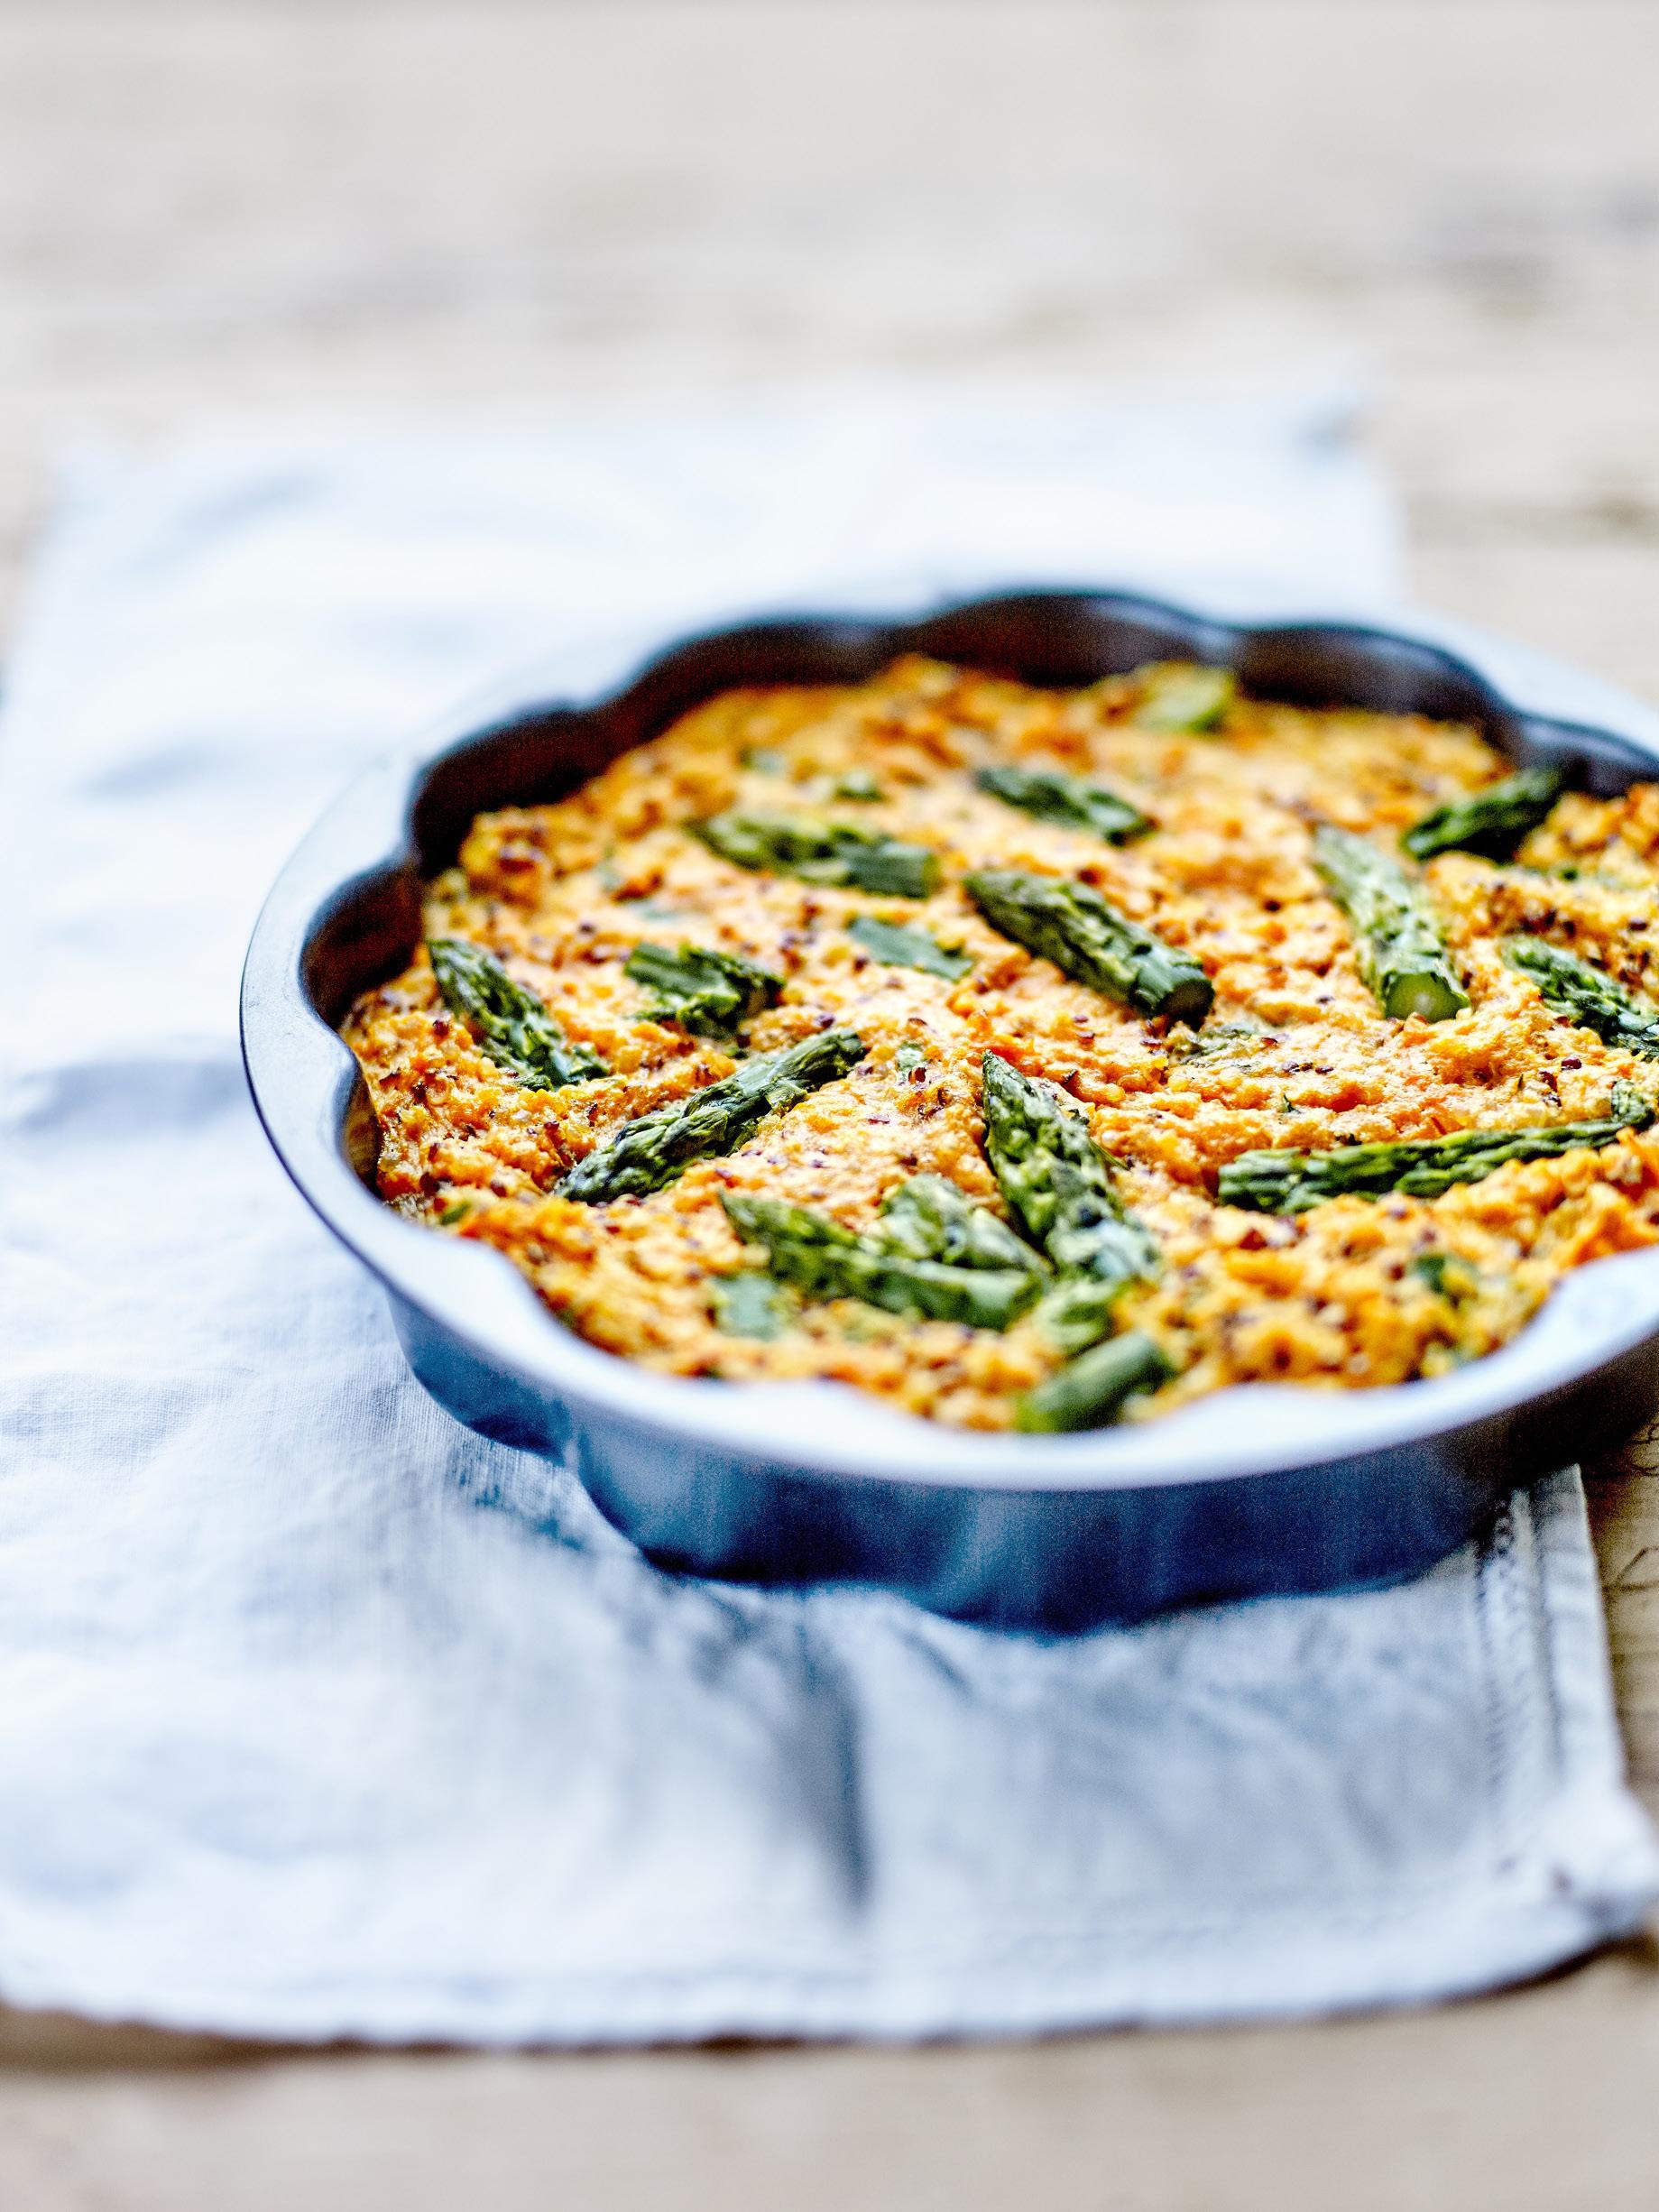 Petits g teaux de quinoa patate douce et asperges pour 6 - Idee recette patate douce ...